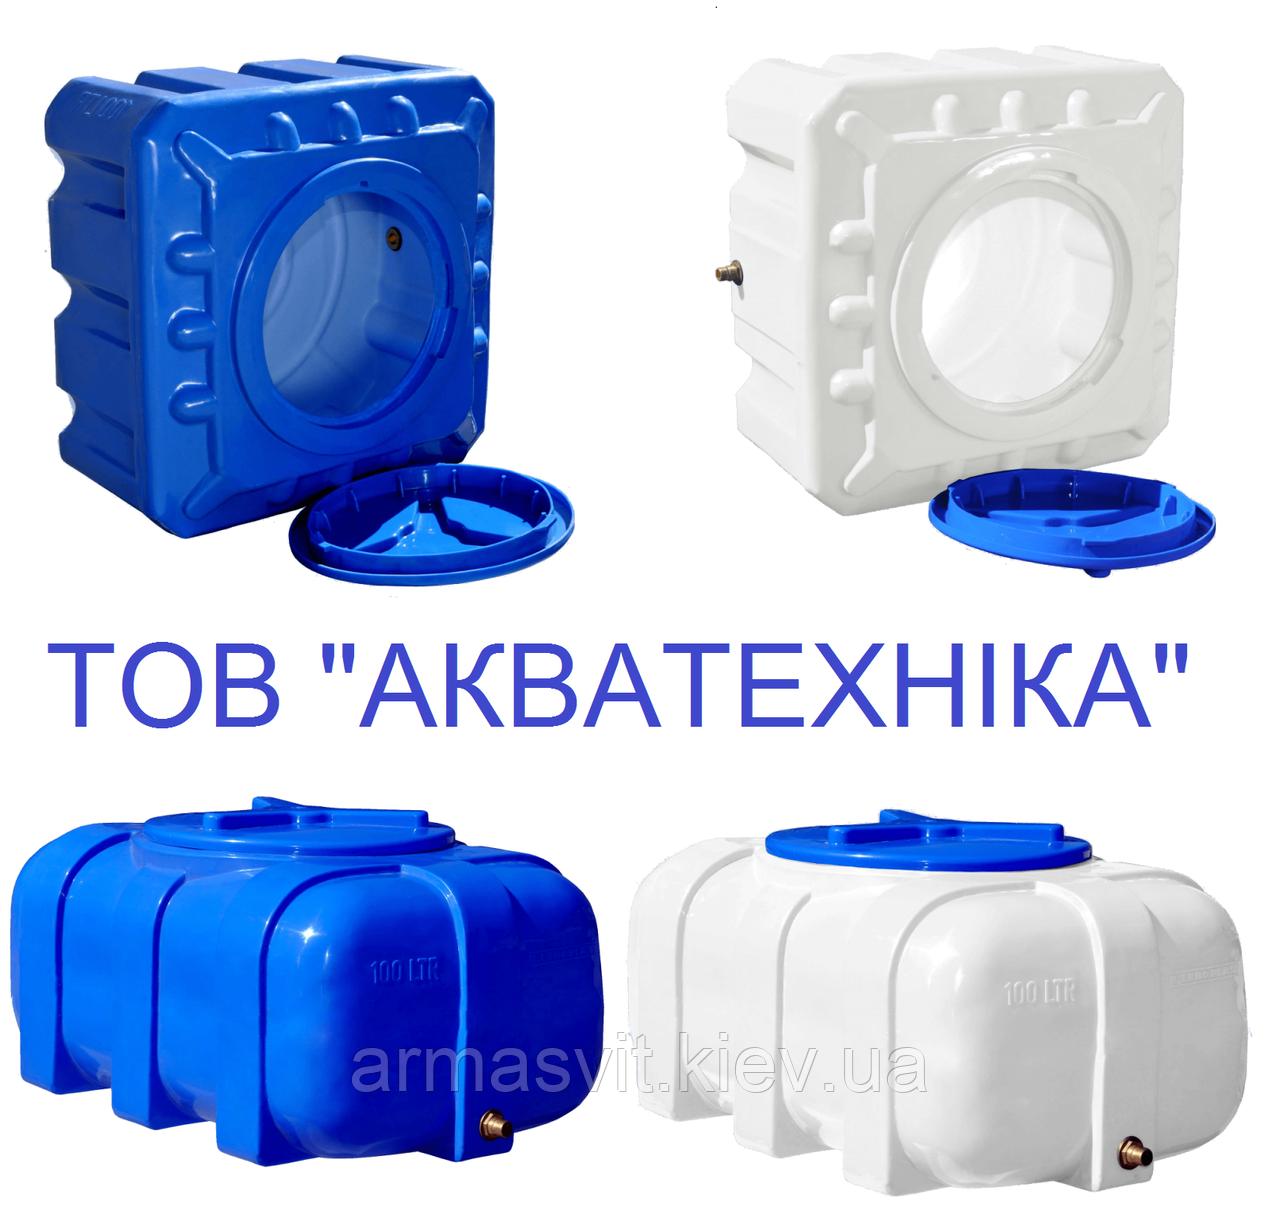 Емкости квадратные двухслойные и однослойные 100 литров